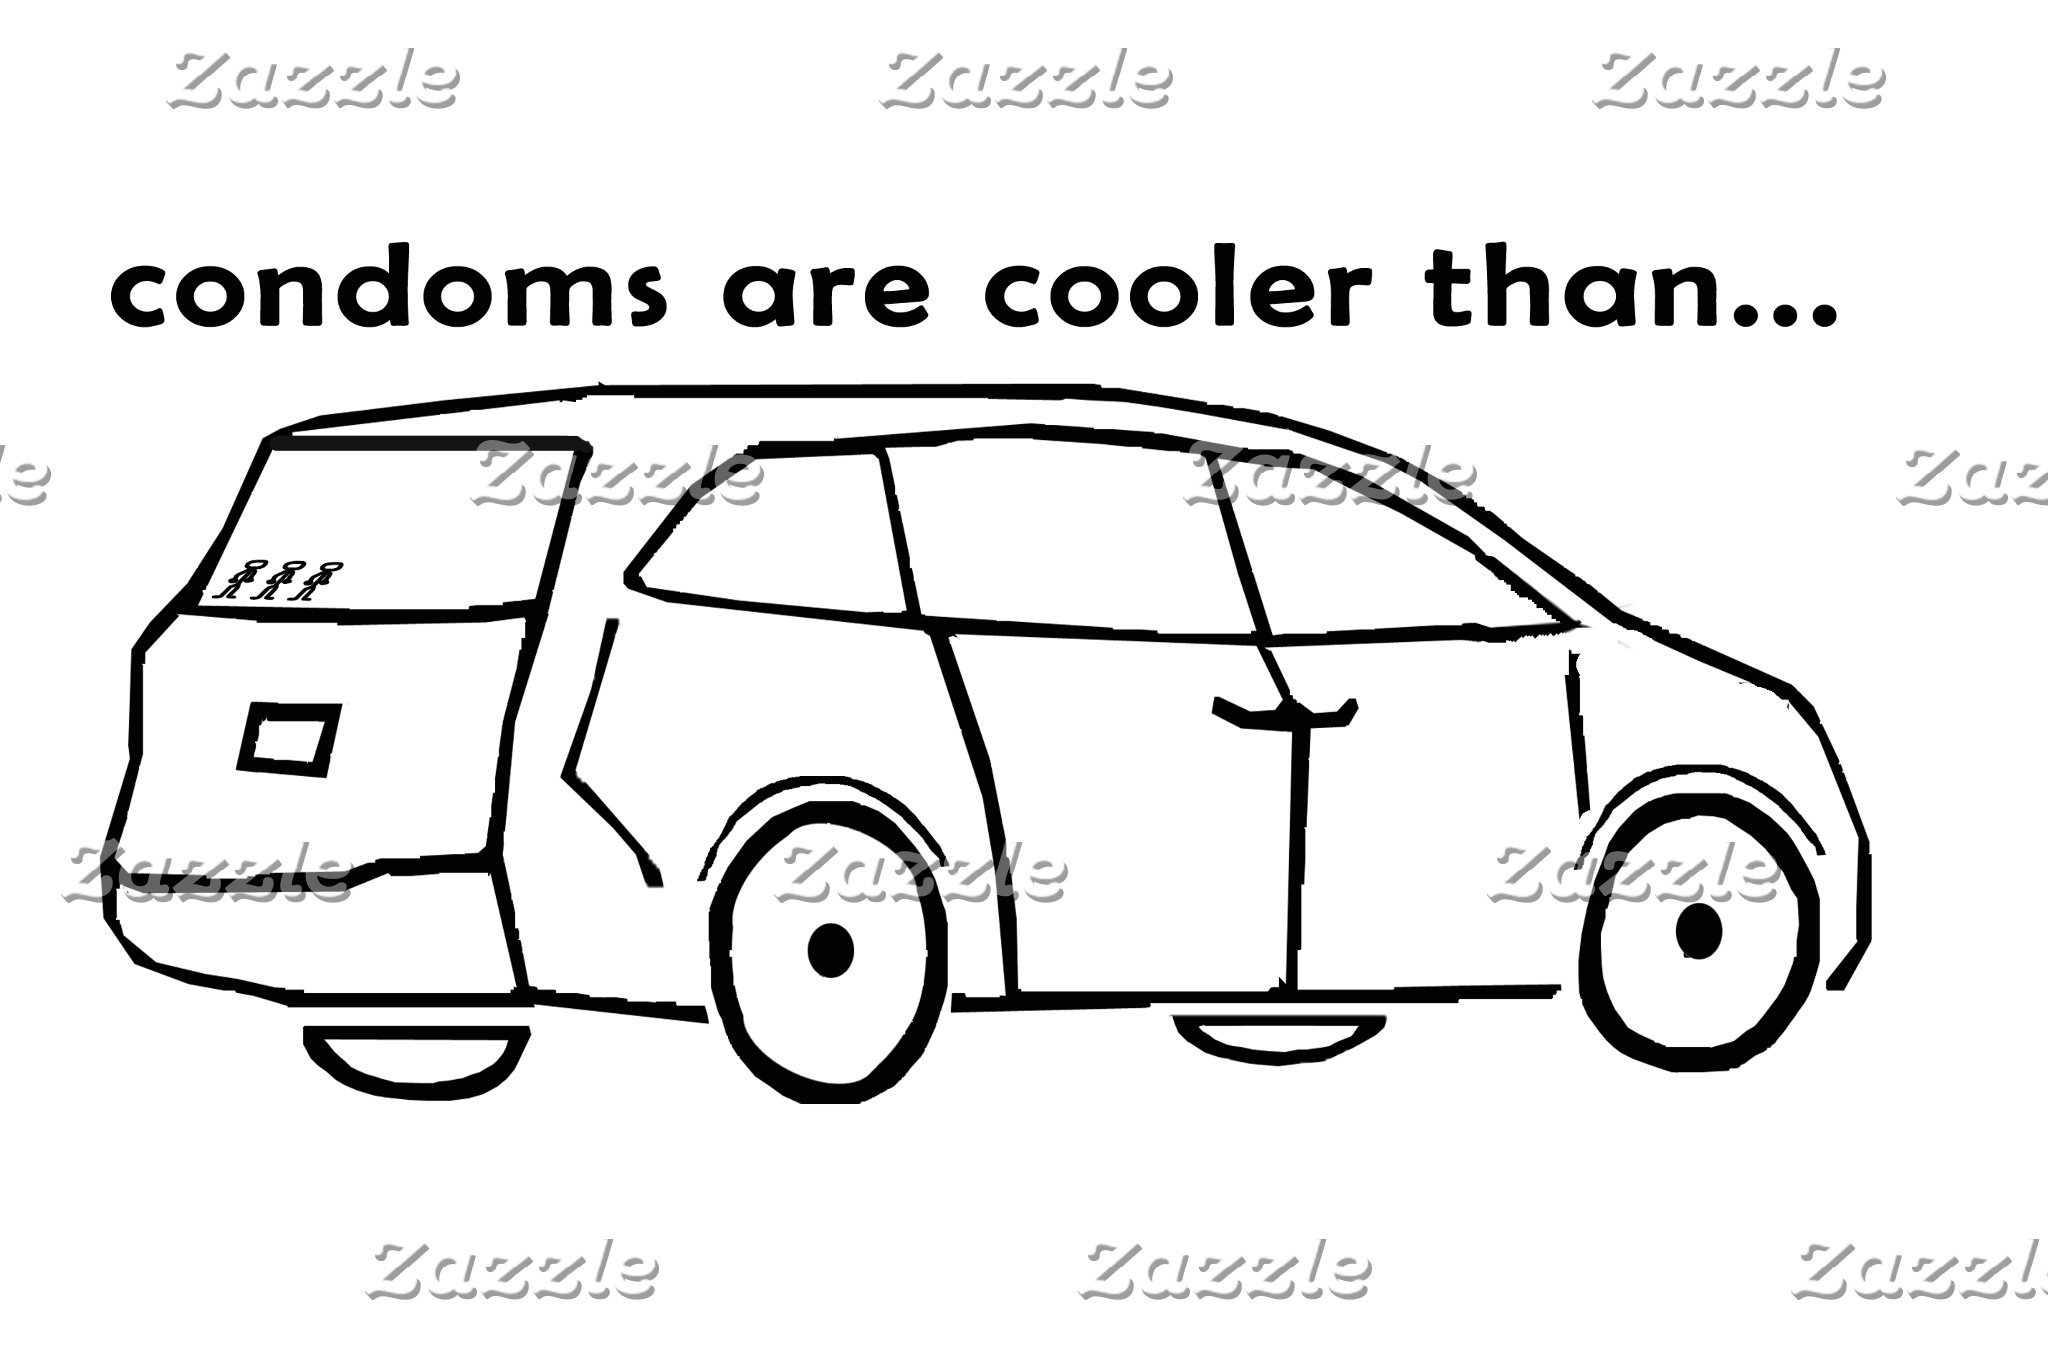 Condoms are cooler